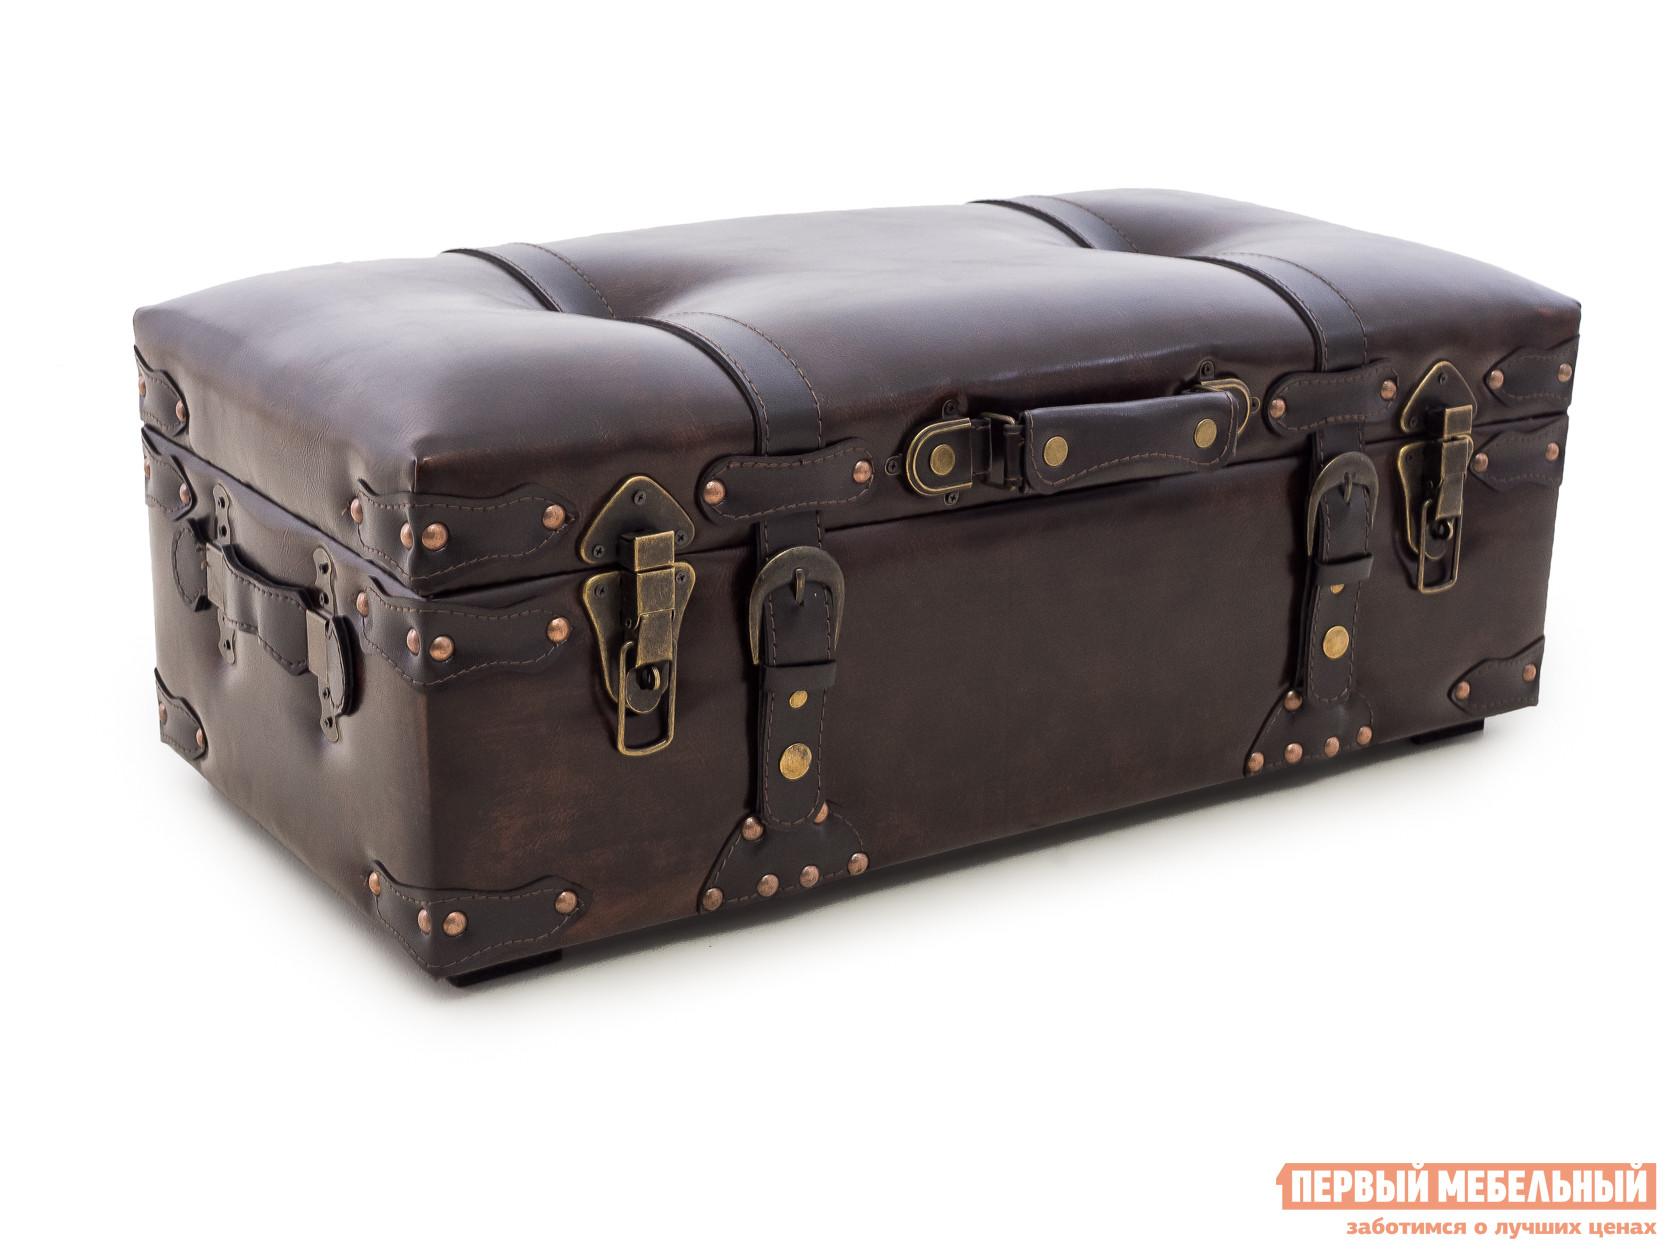 Банкетка МебельТорг 2572 L/M/S Средний, Коричневая экокожа